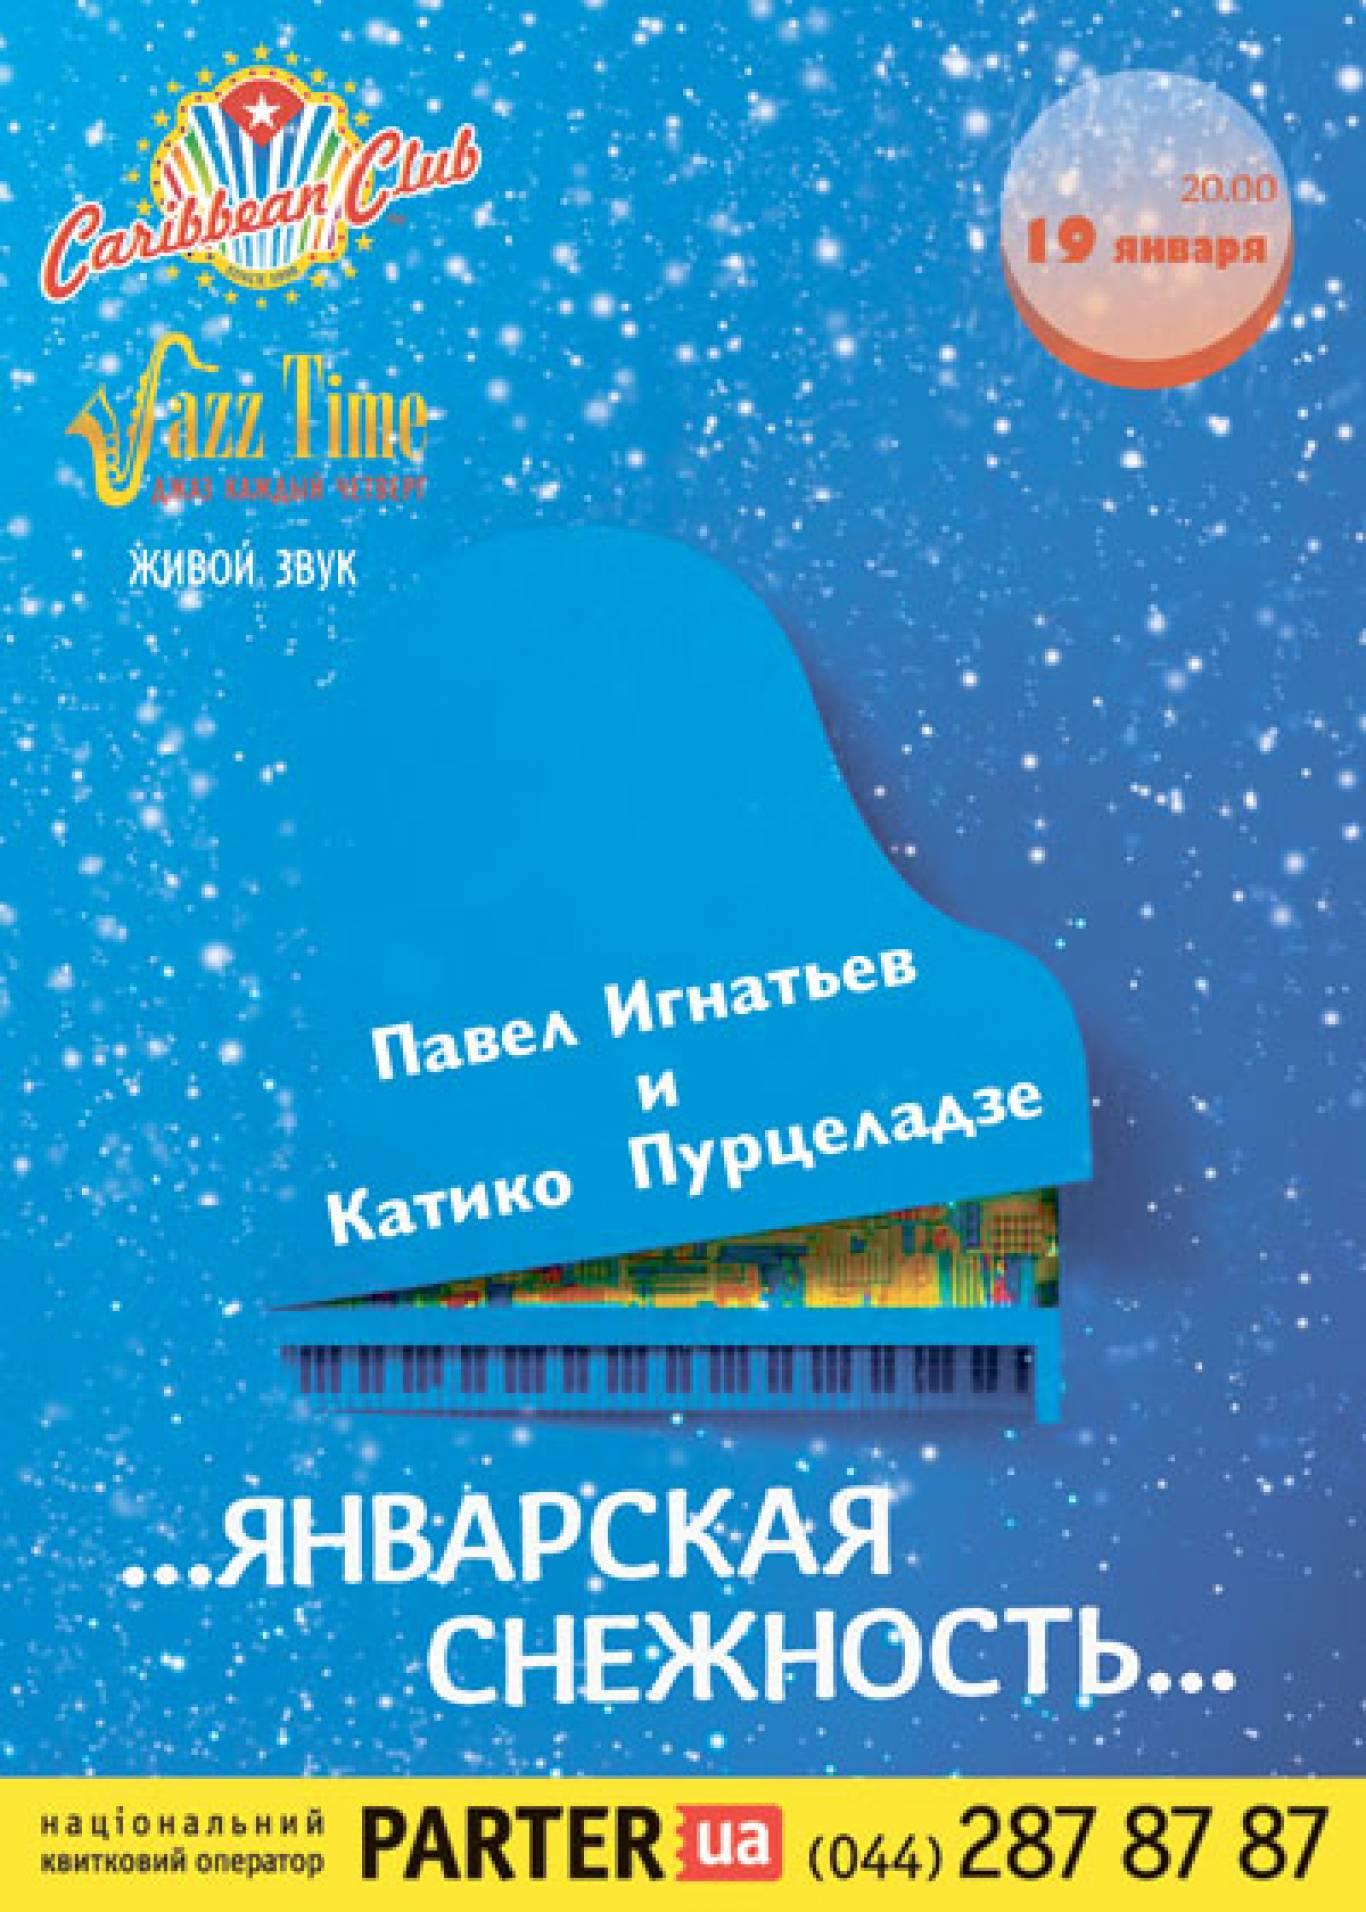 """Концерт """"Сніжність"""" за участю Павла Ігнатьєва та Катіко Пурцеладзе"""